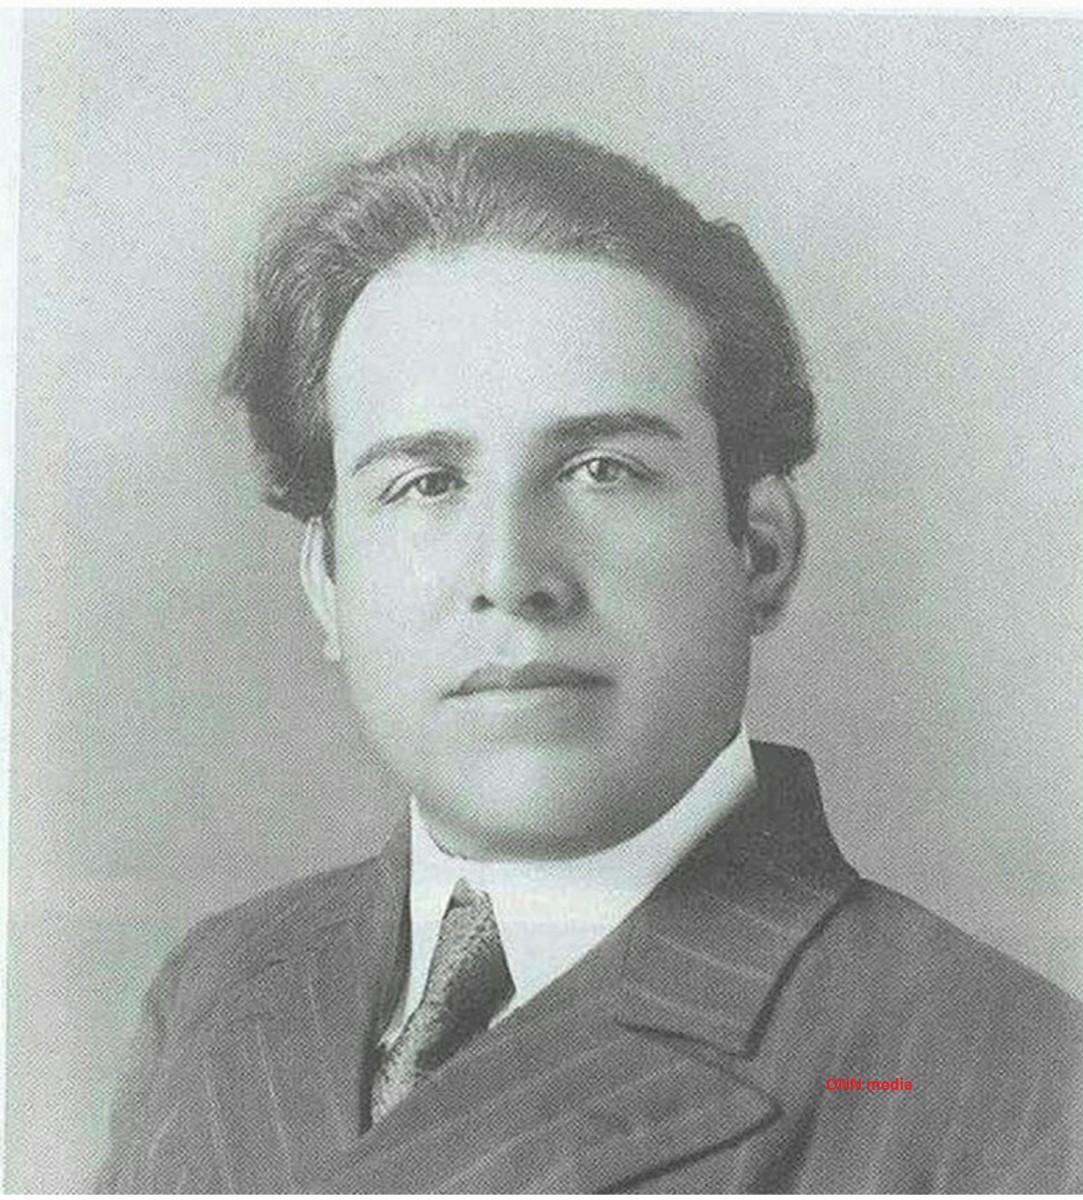 Mirəli Qaşqay